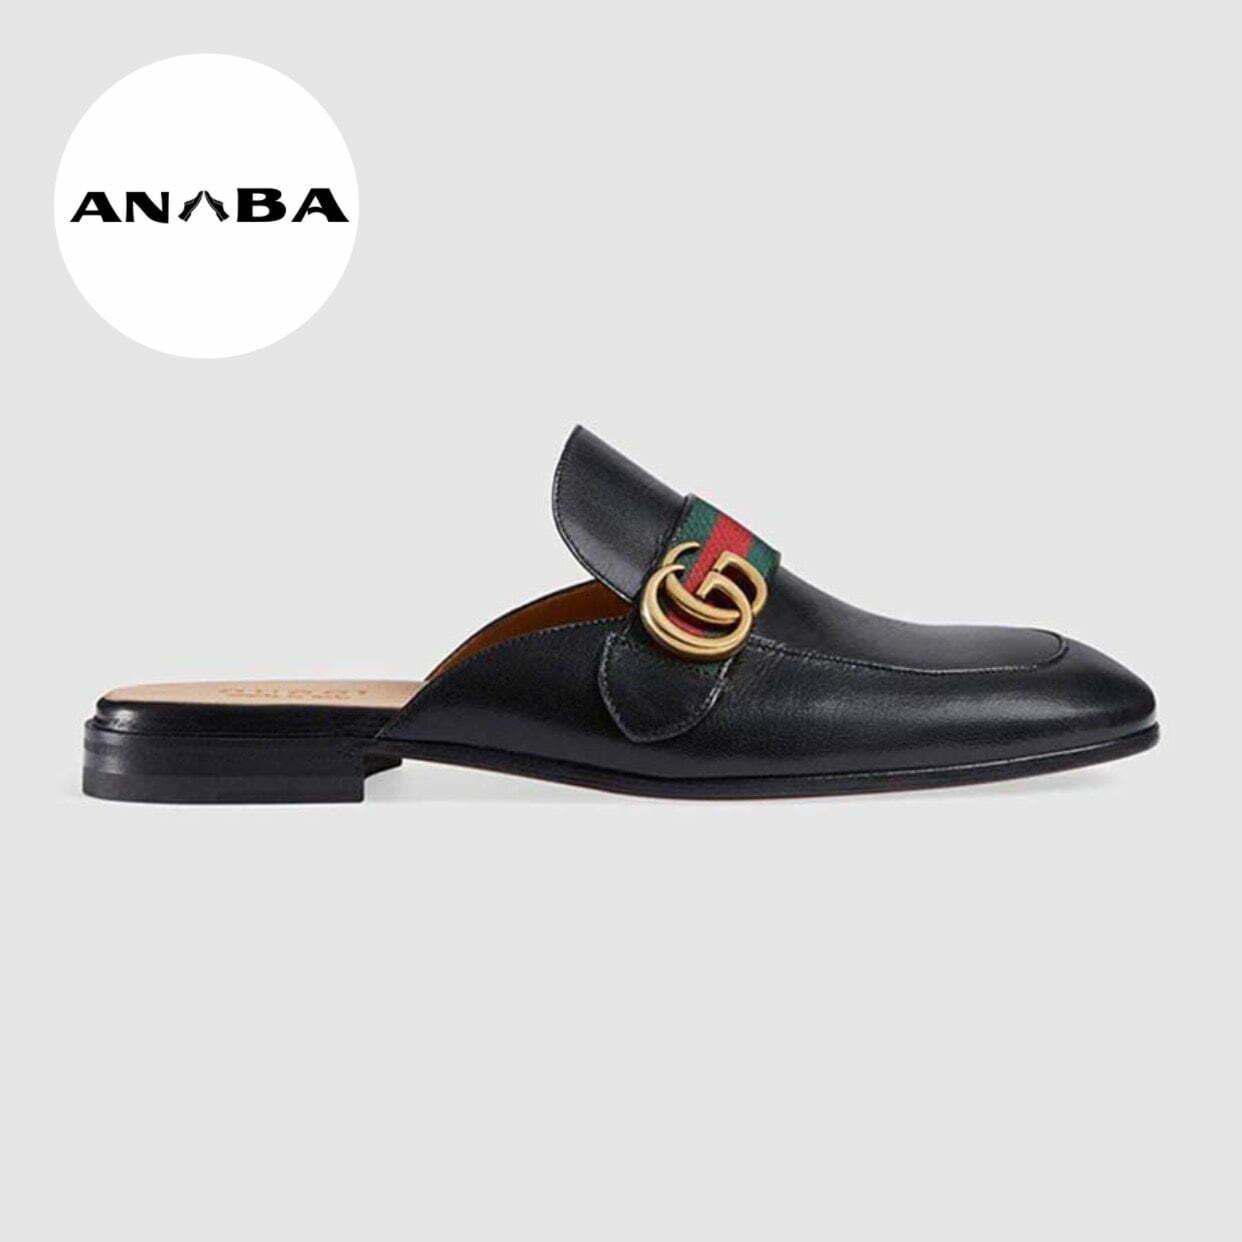 Giày hay dép Slipper với kiểu dáng thanh lịch